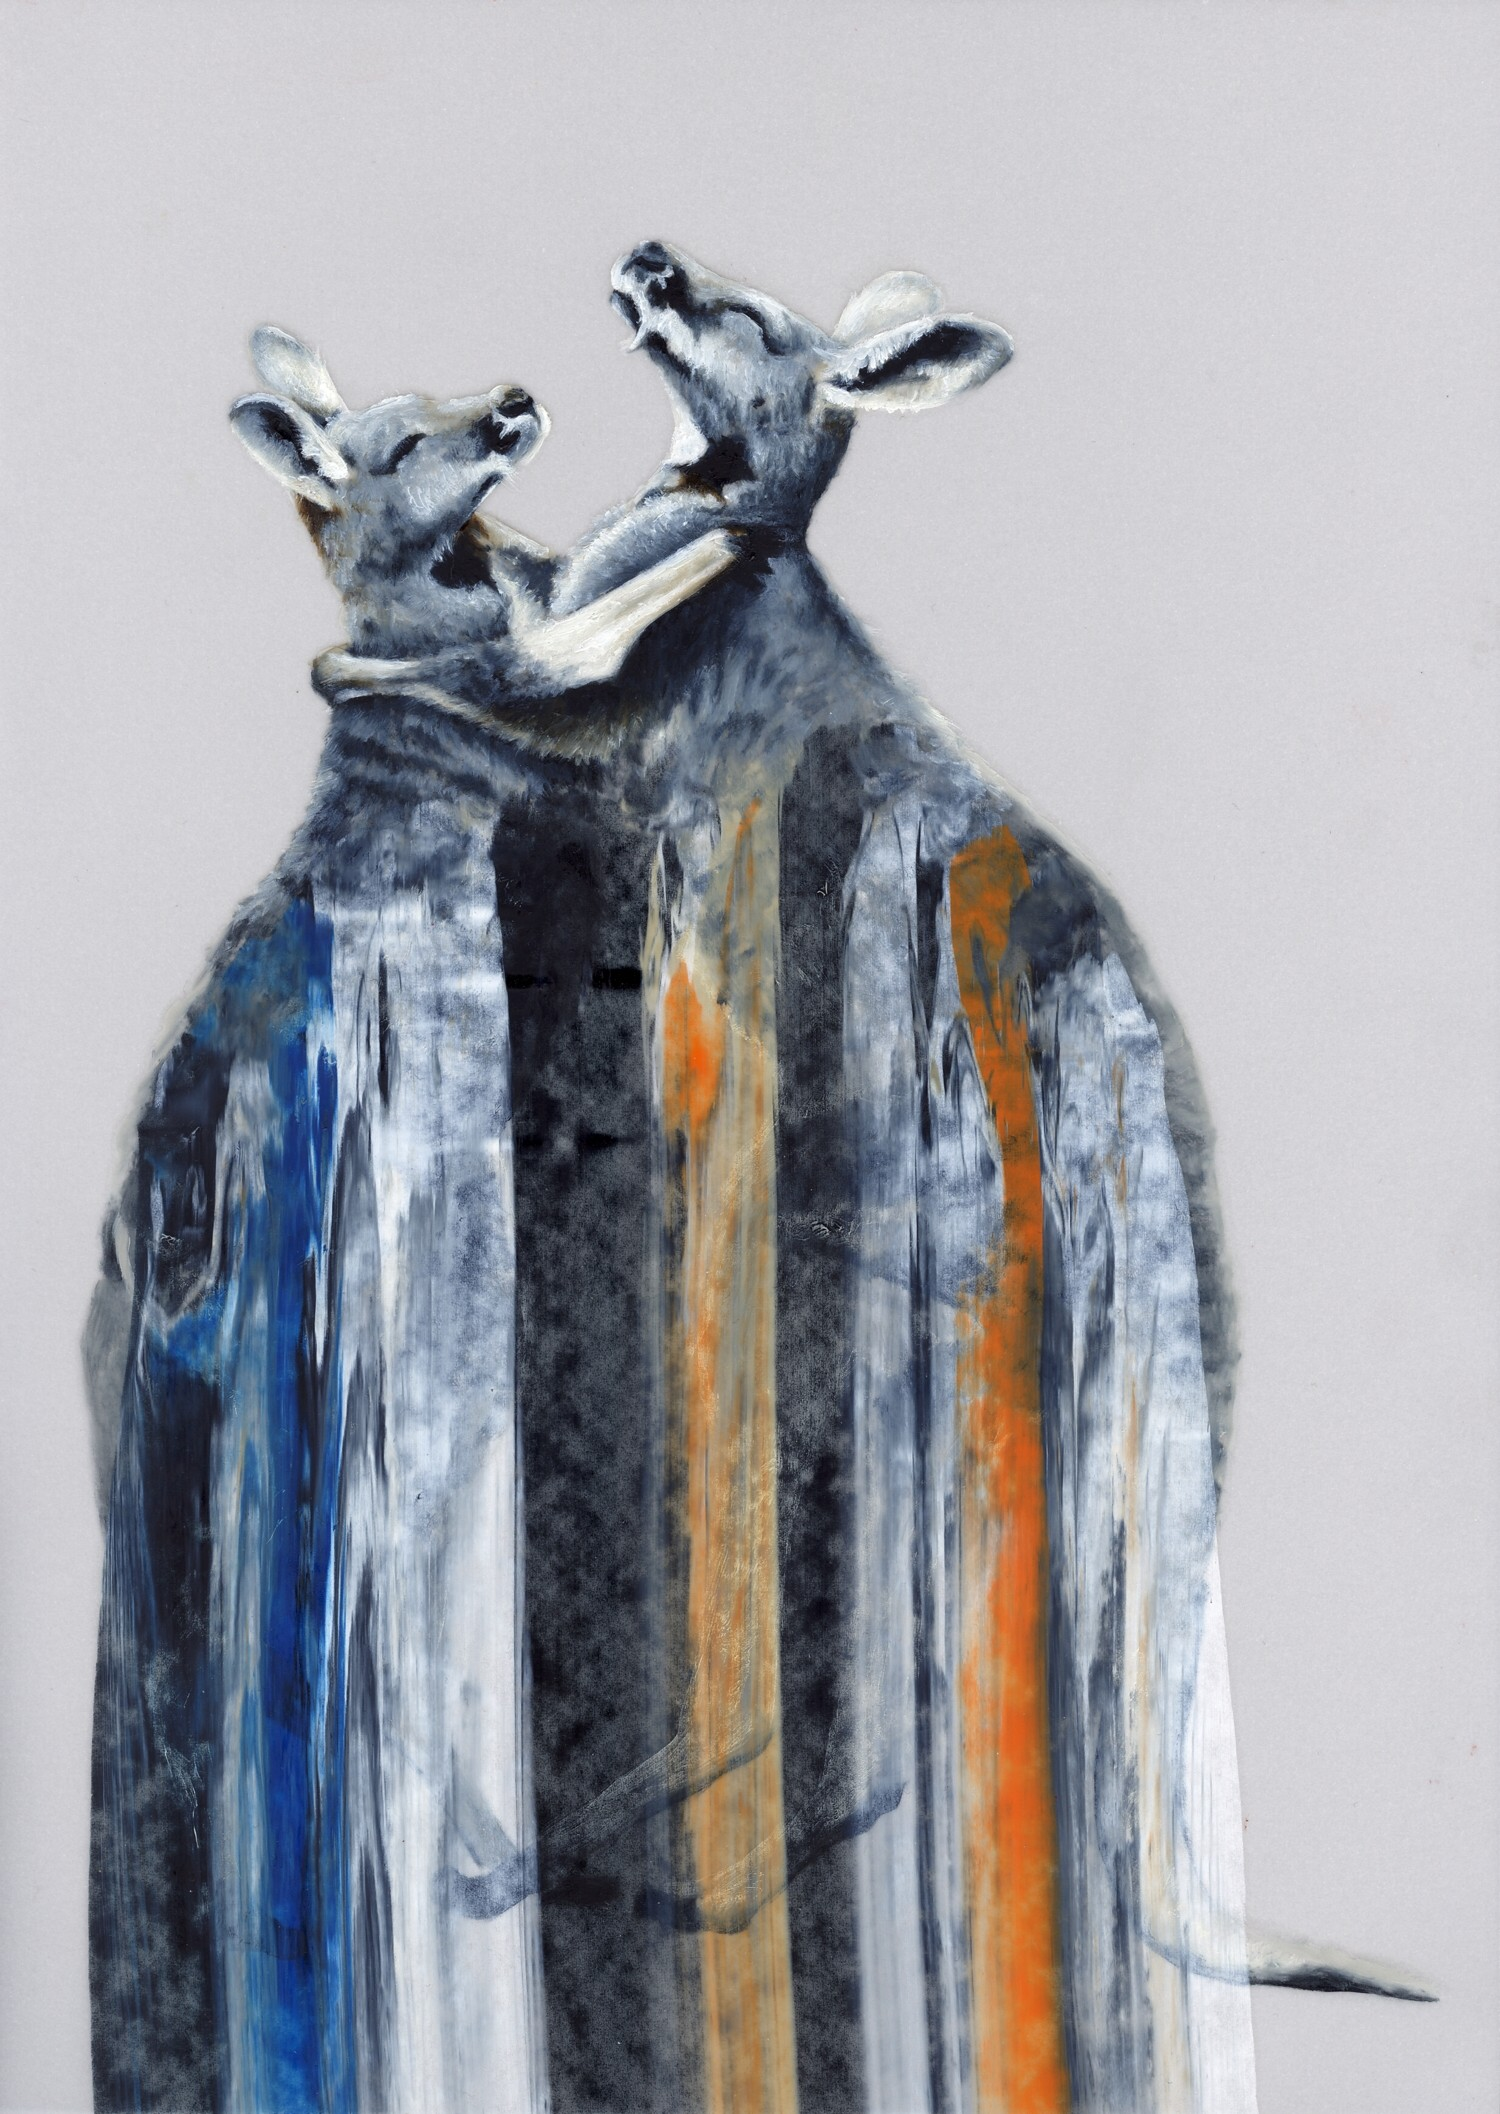 Vellum 15#2011, 29,7 x 21 cm, Öl auf Transparentpapier